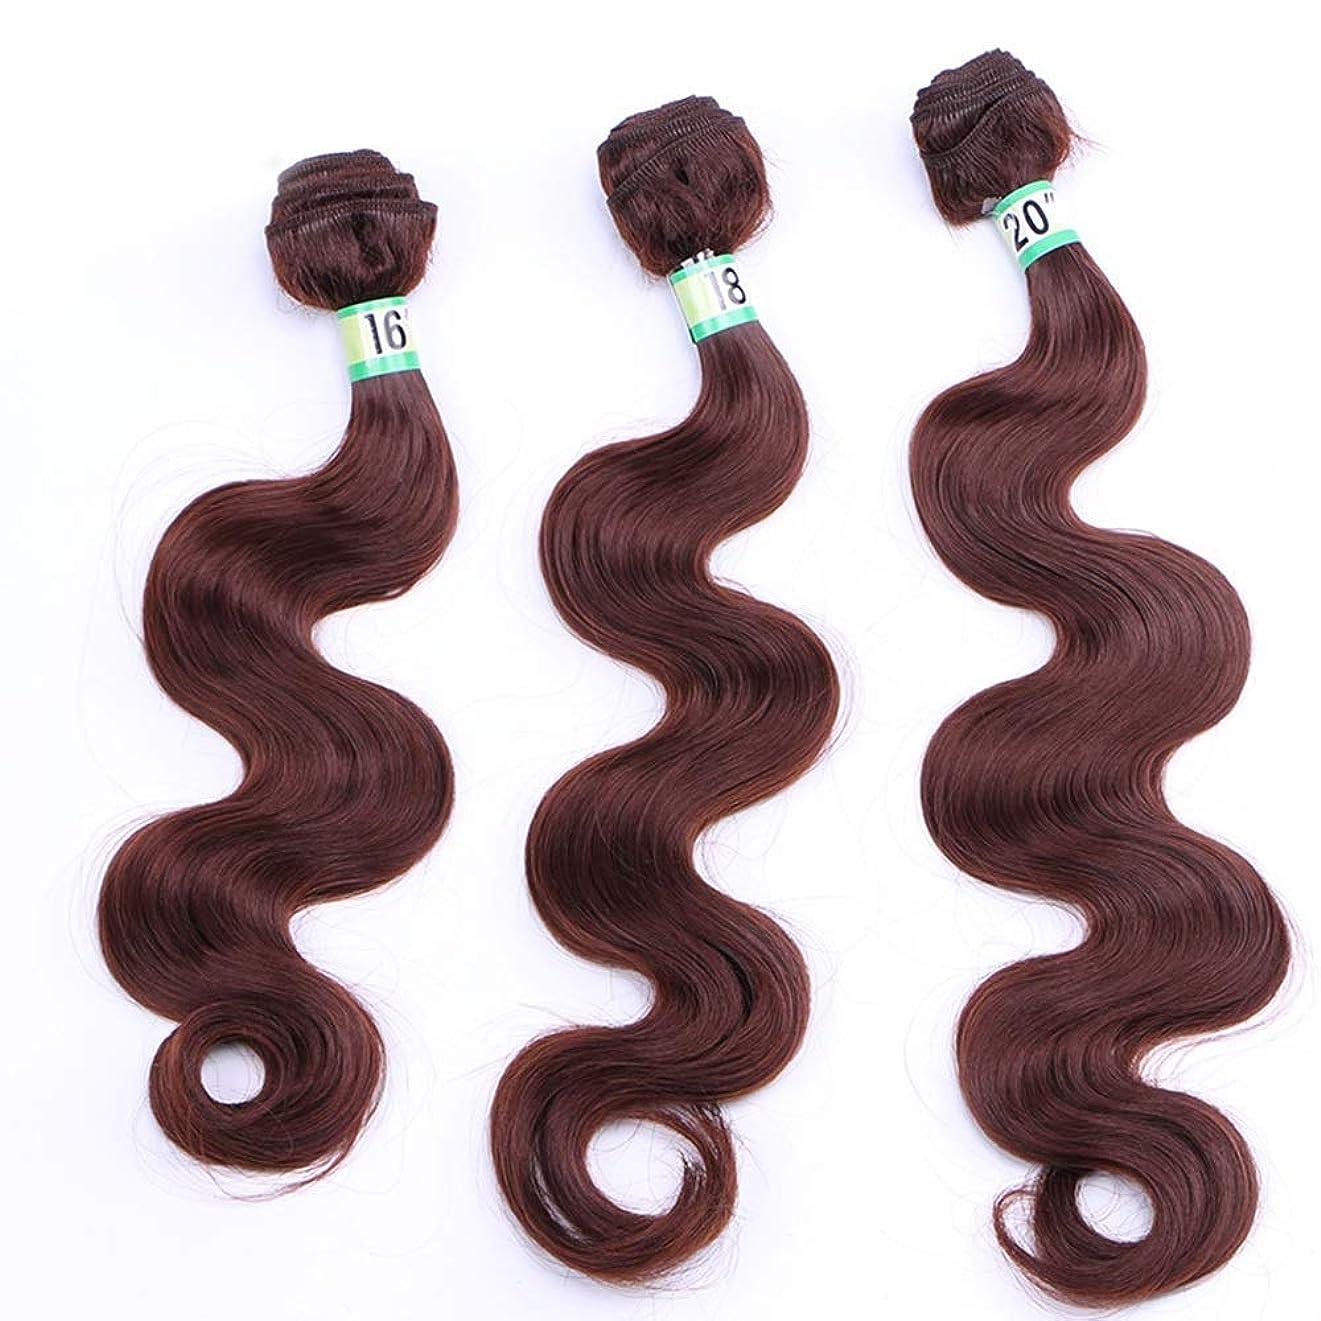 乗り出す在庫皮Yrattary ブラジルの髪絹のような長い実体波3バンドル - 33#茶色の髪の拡張子織り女性合成髪レースかつらロールプレイングかつら長くて短い女性自然 (色 : ブラウン, サイズ : 20